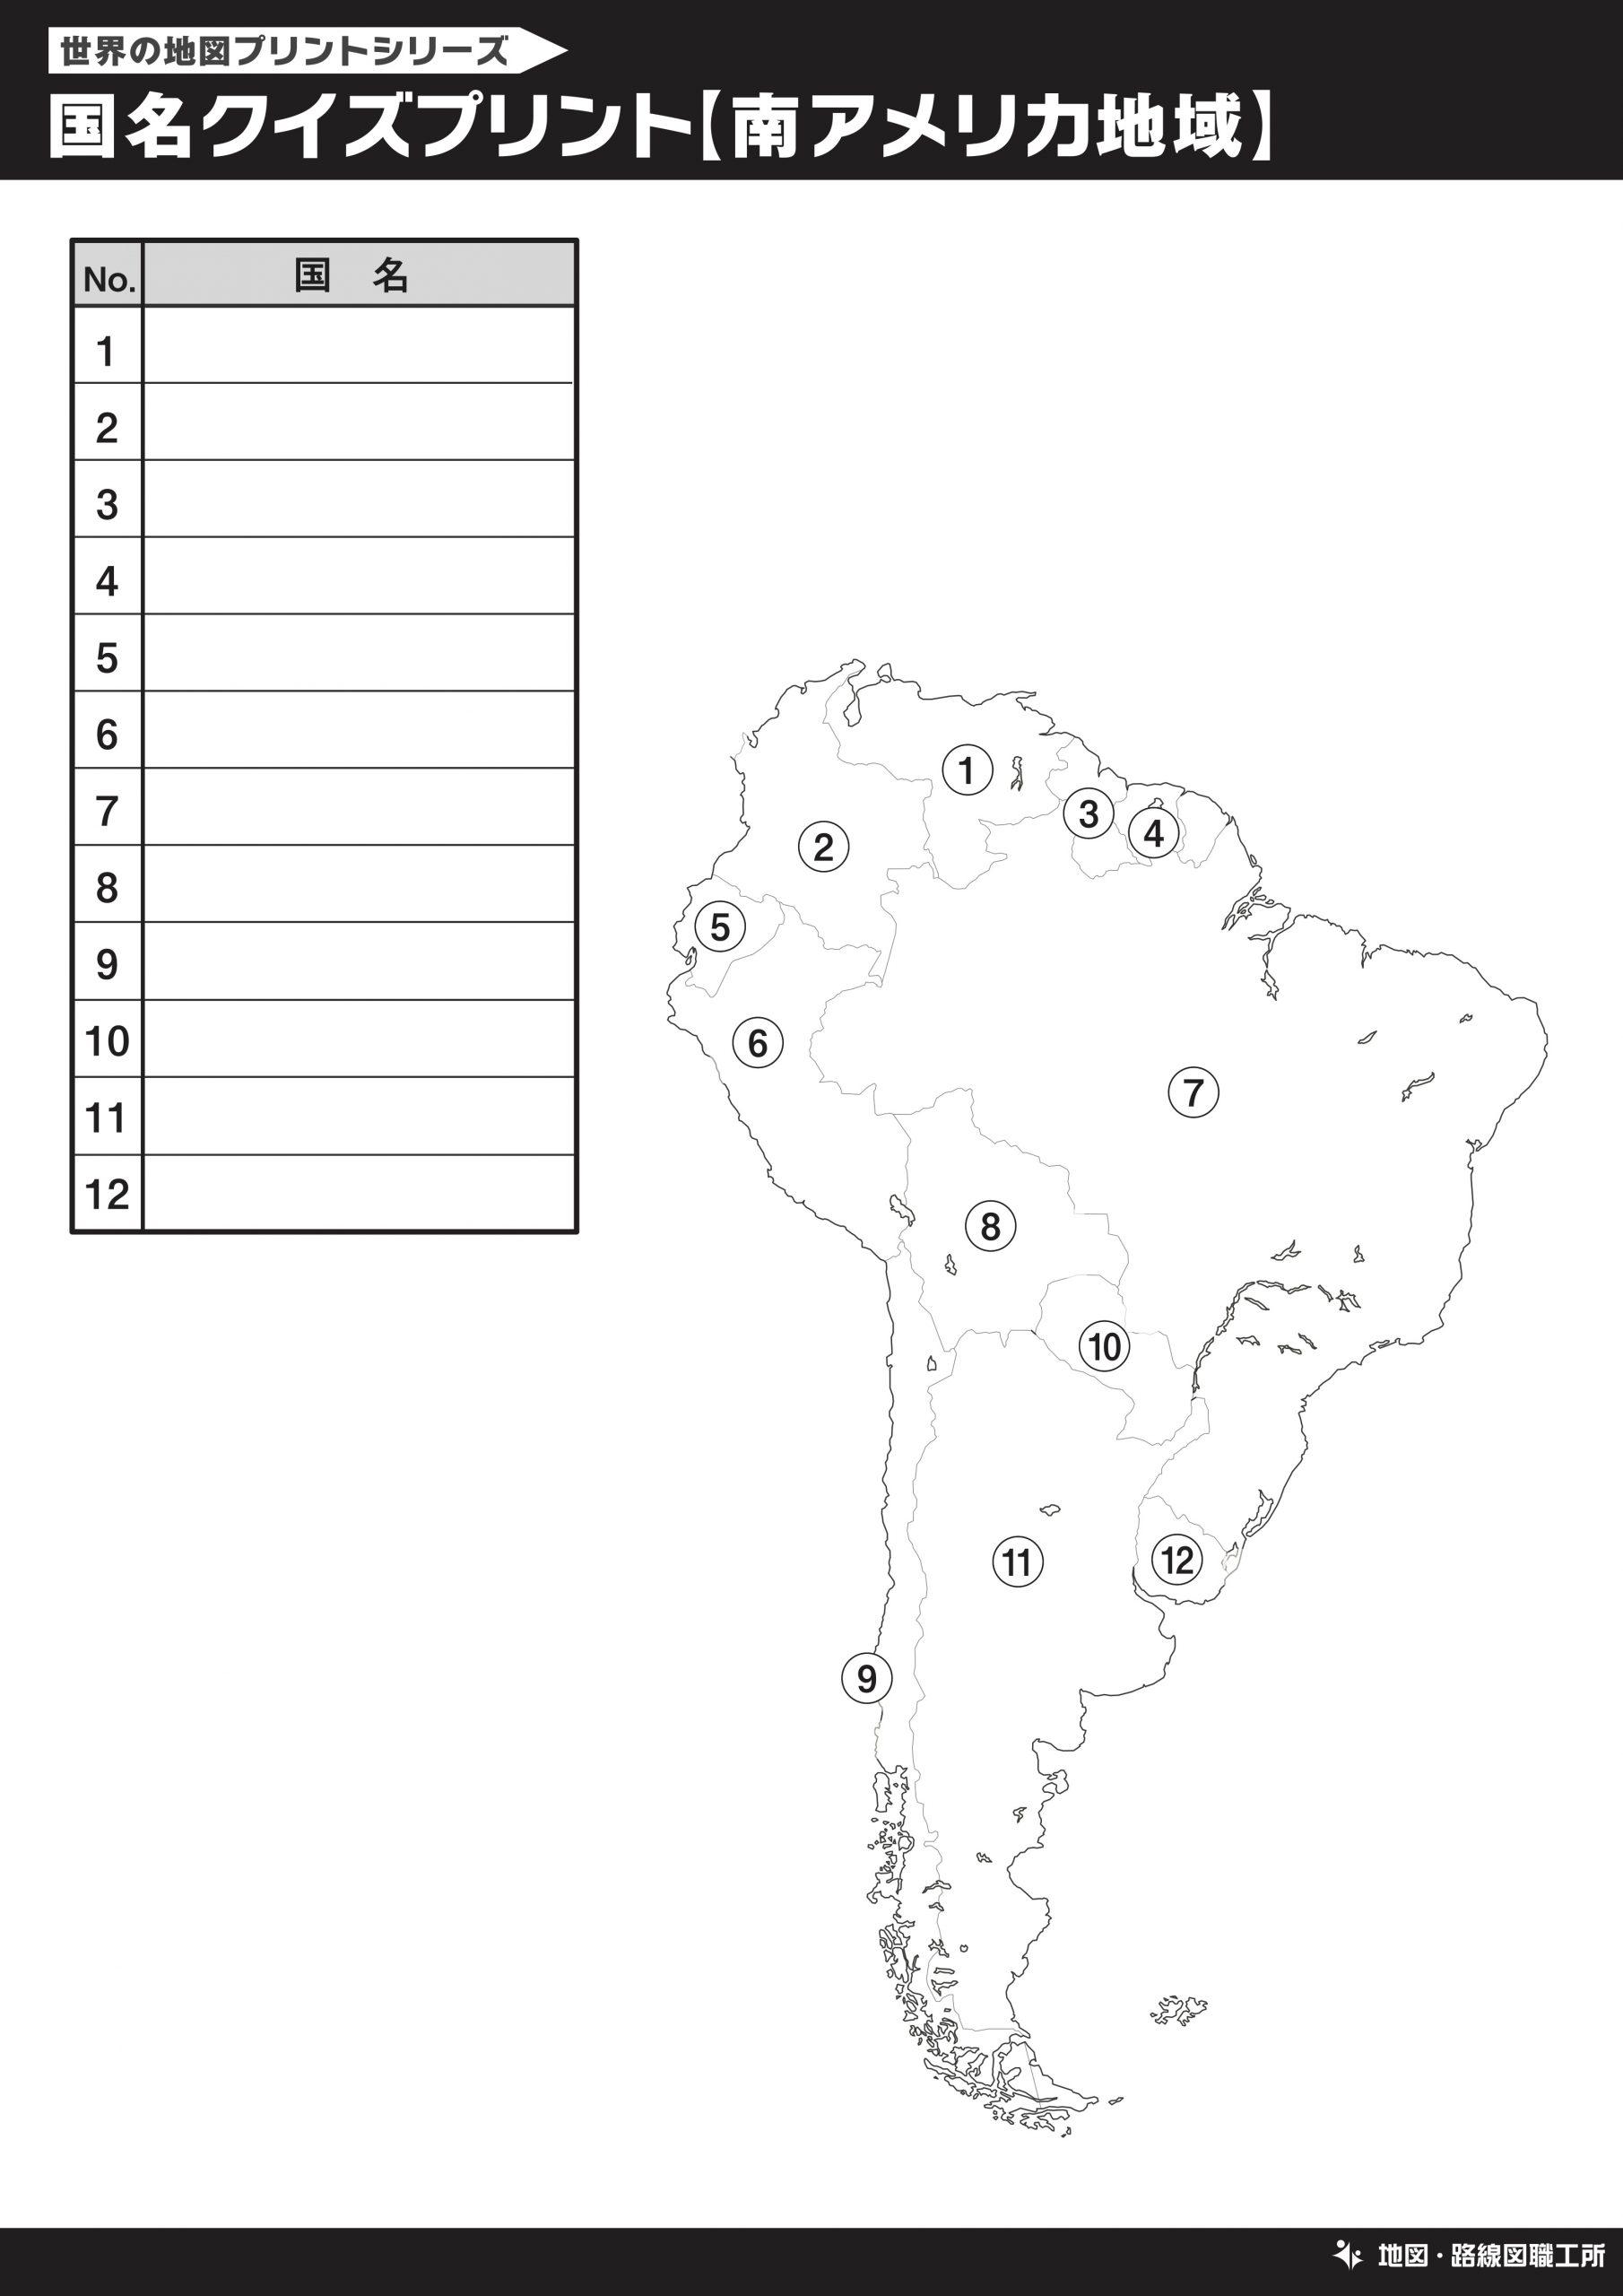 国名クイズプリント【南アメリカ地域】